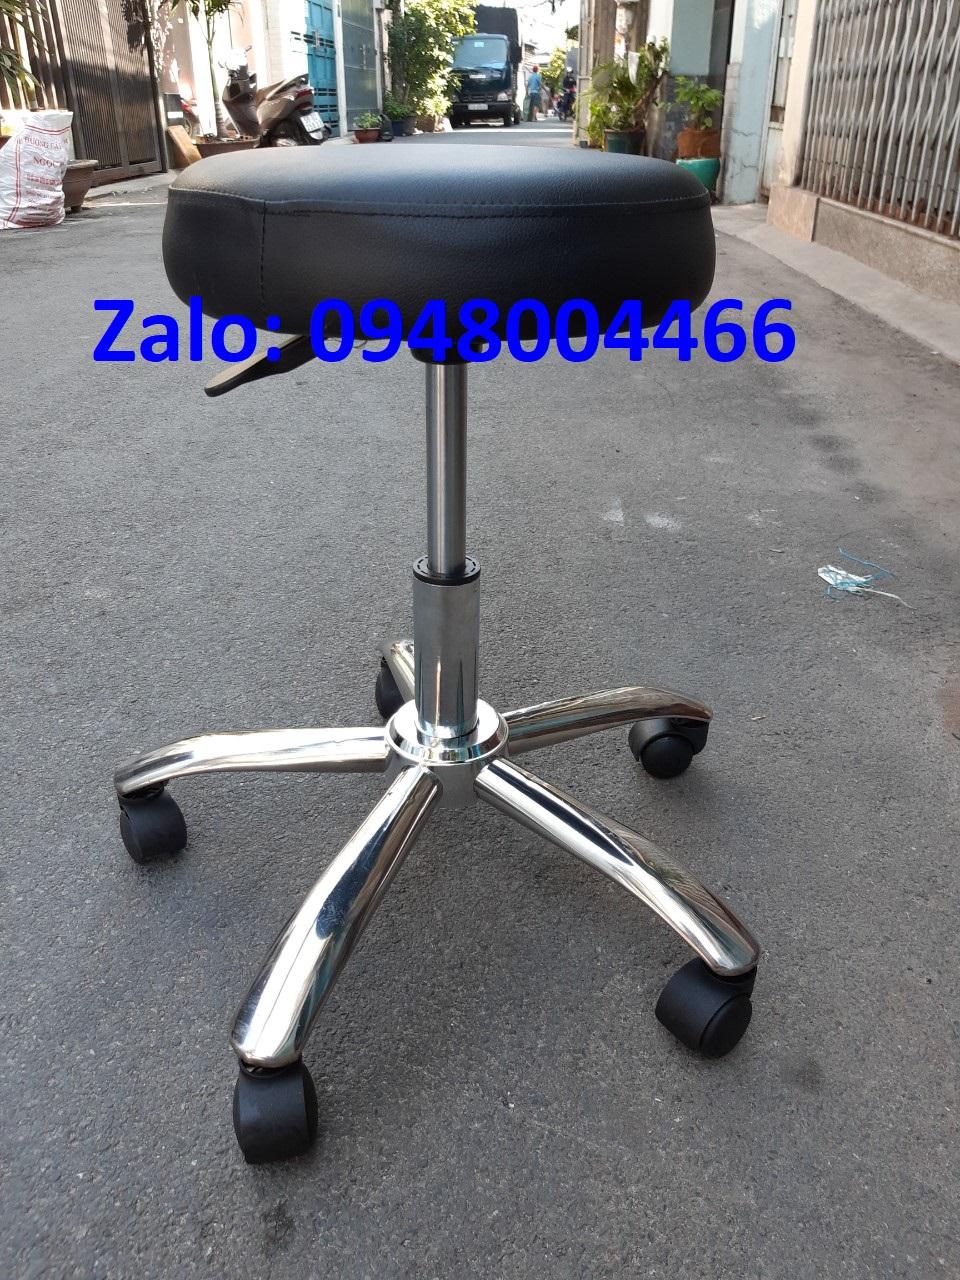 Ghế văn phòng giá rẻ tg3310t